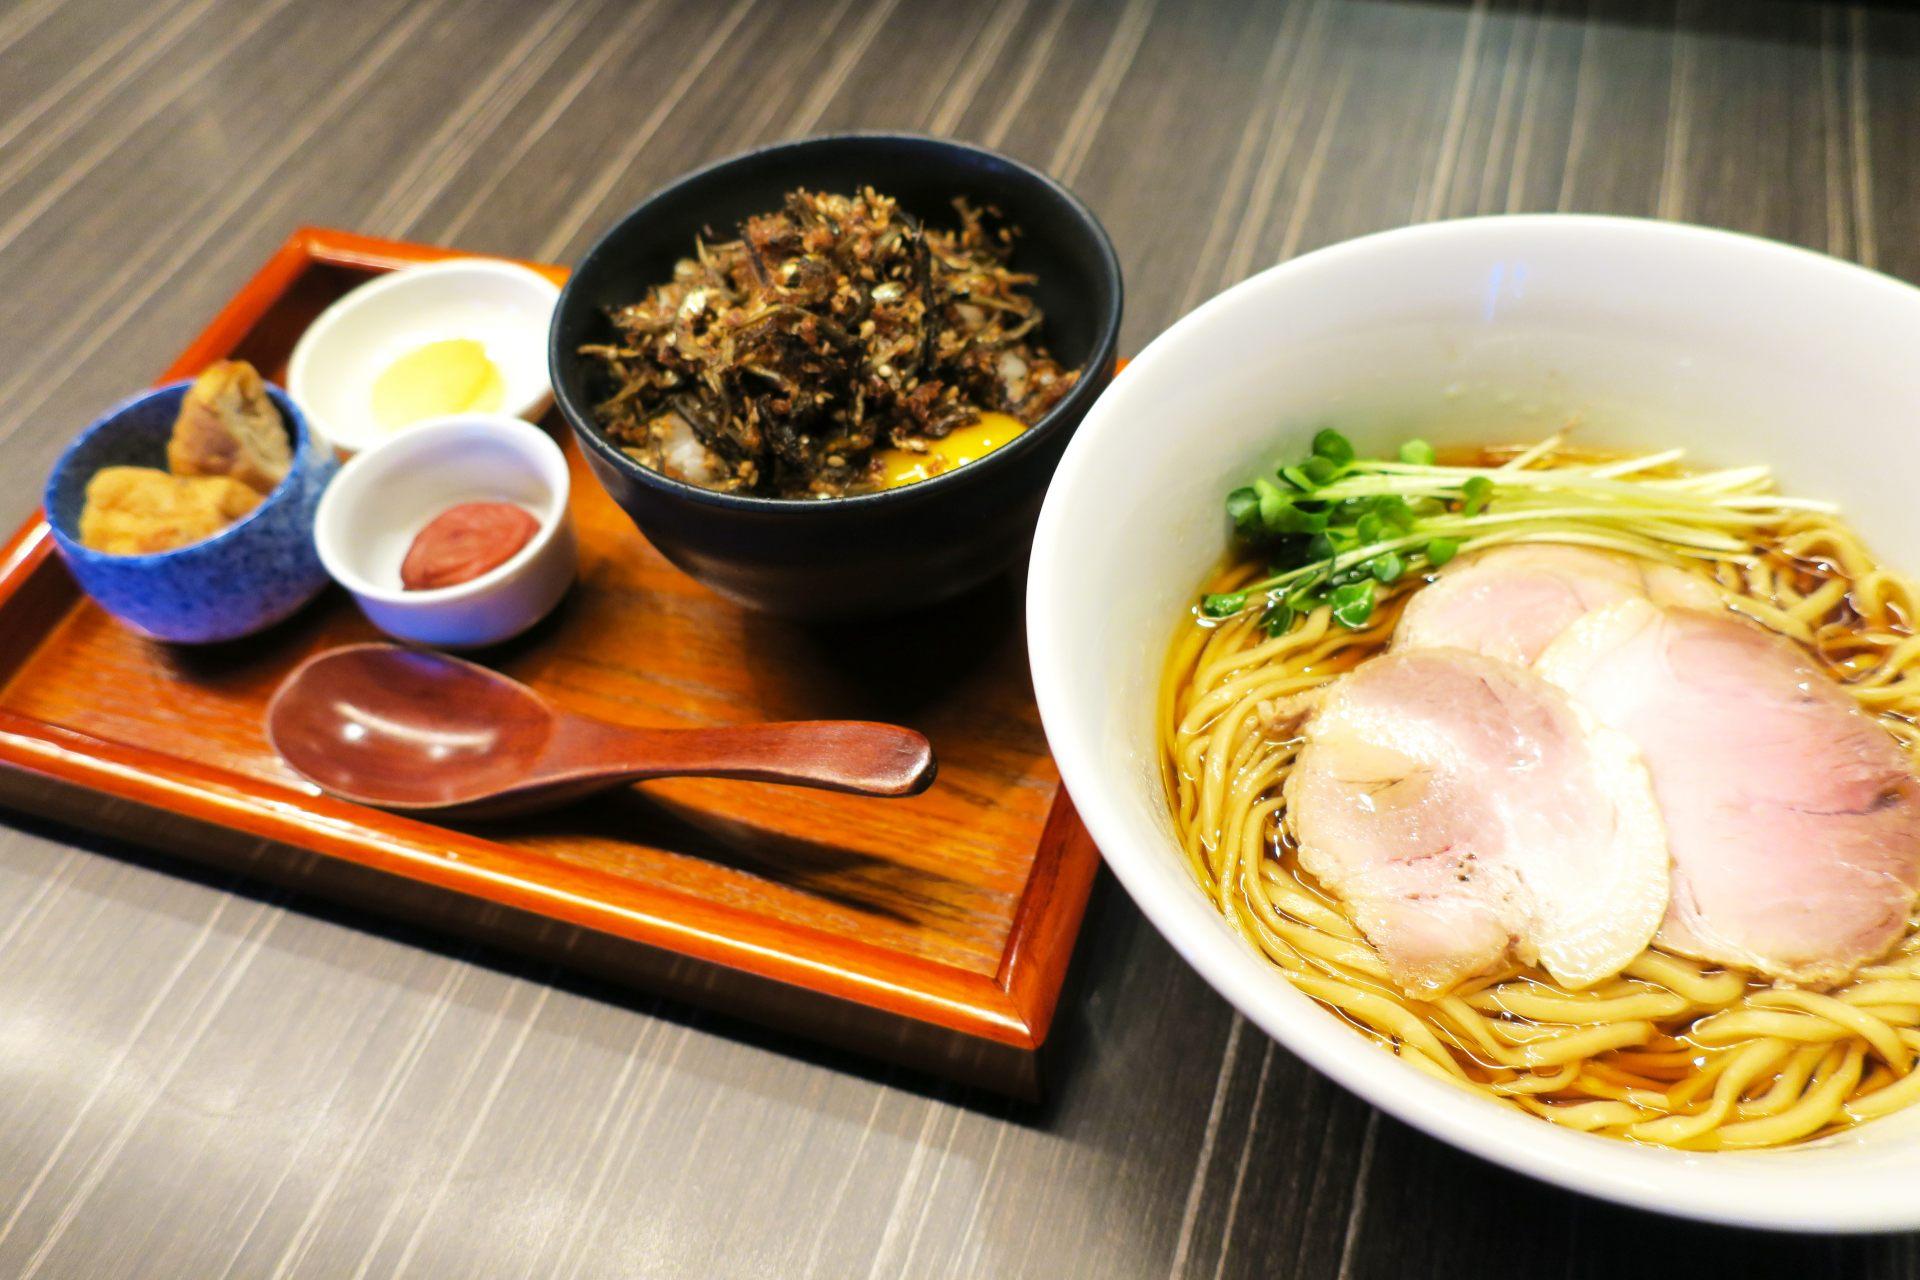 拉麵+自家製佃煮御飯套餐(追加500日圓)